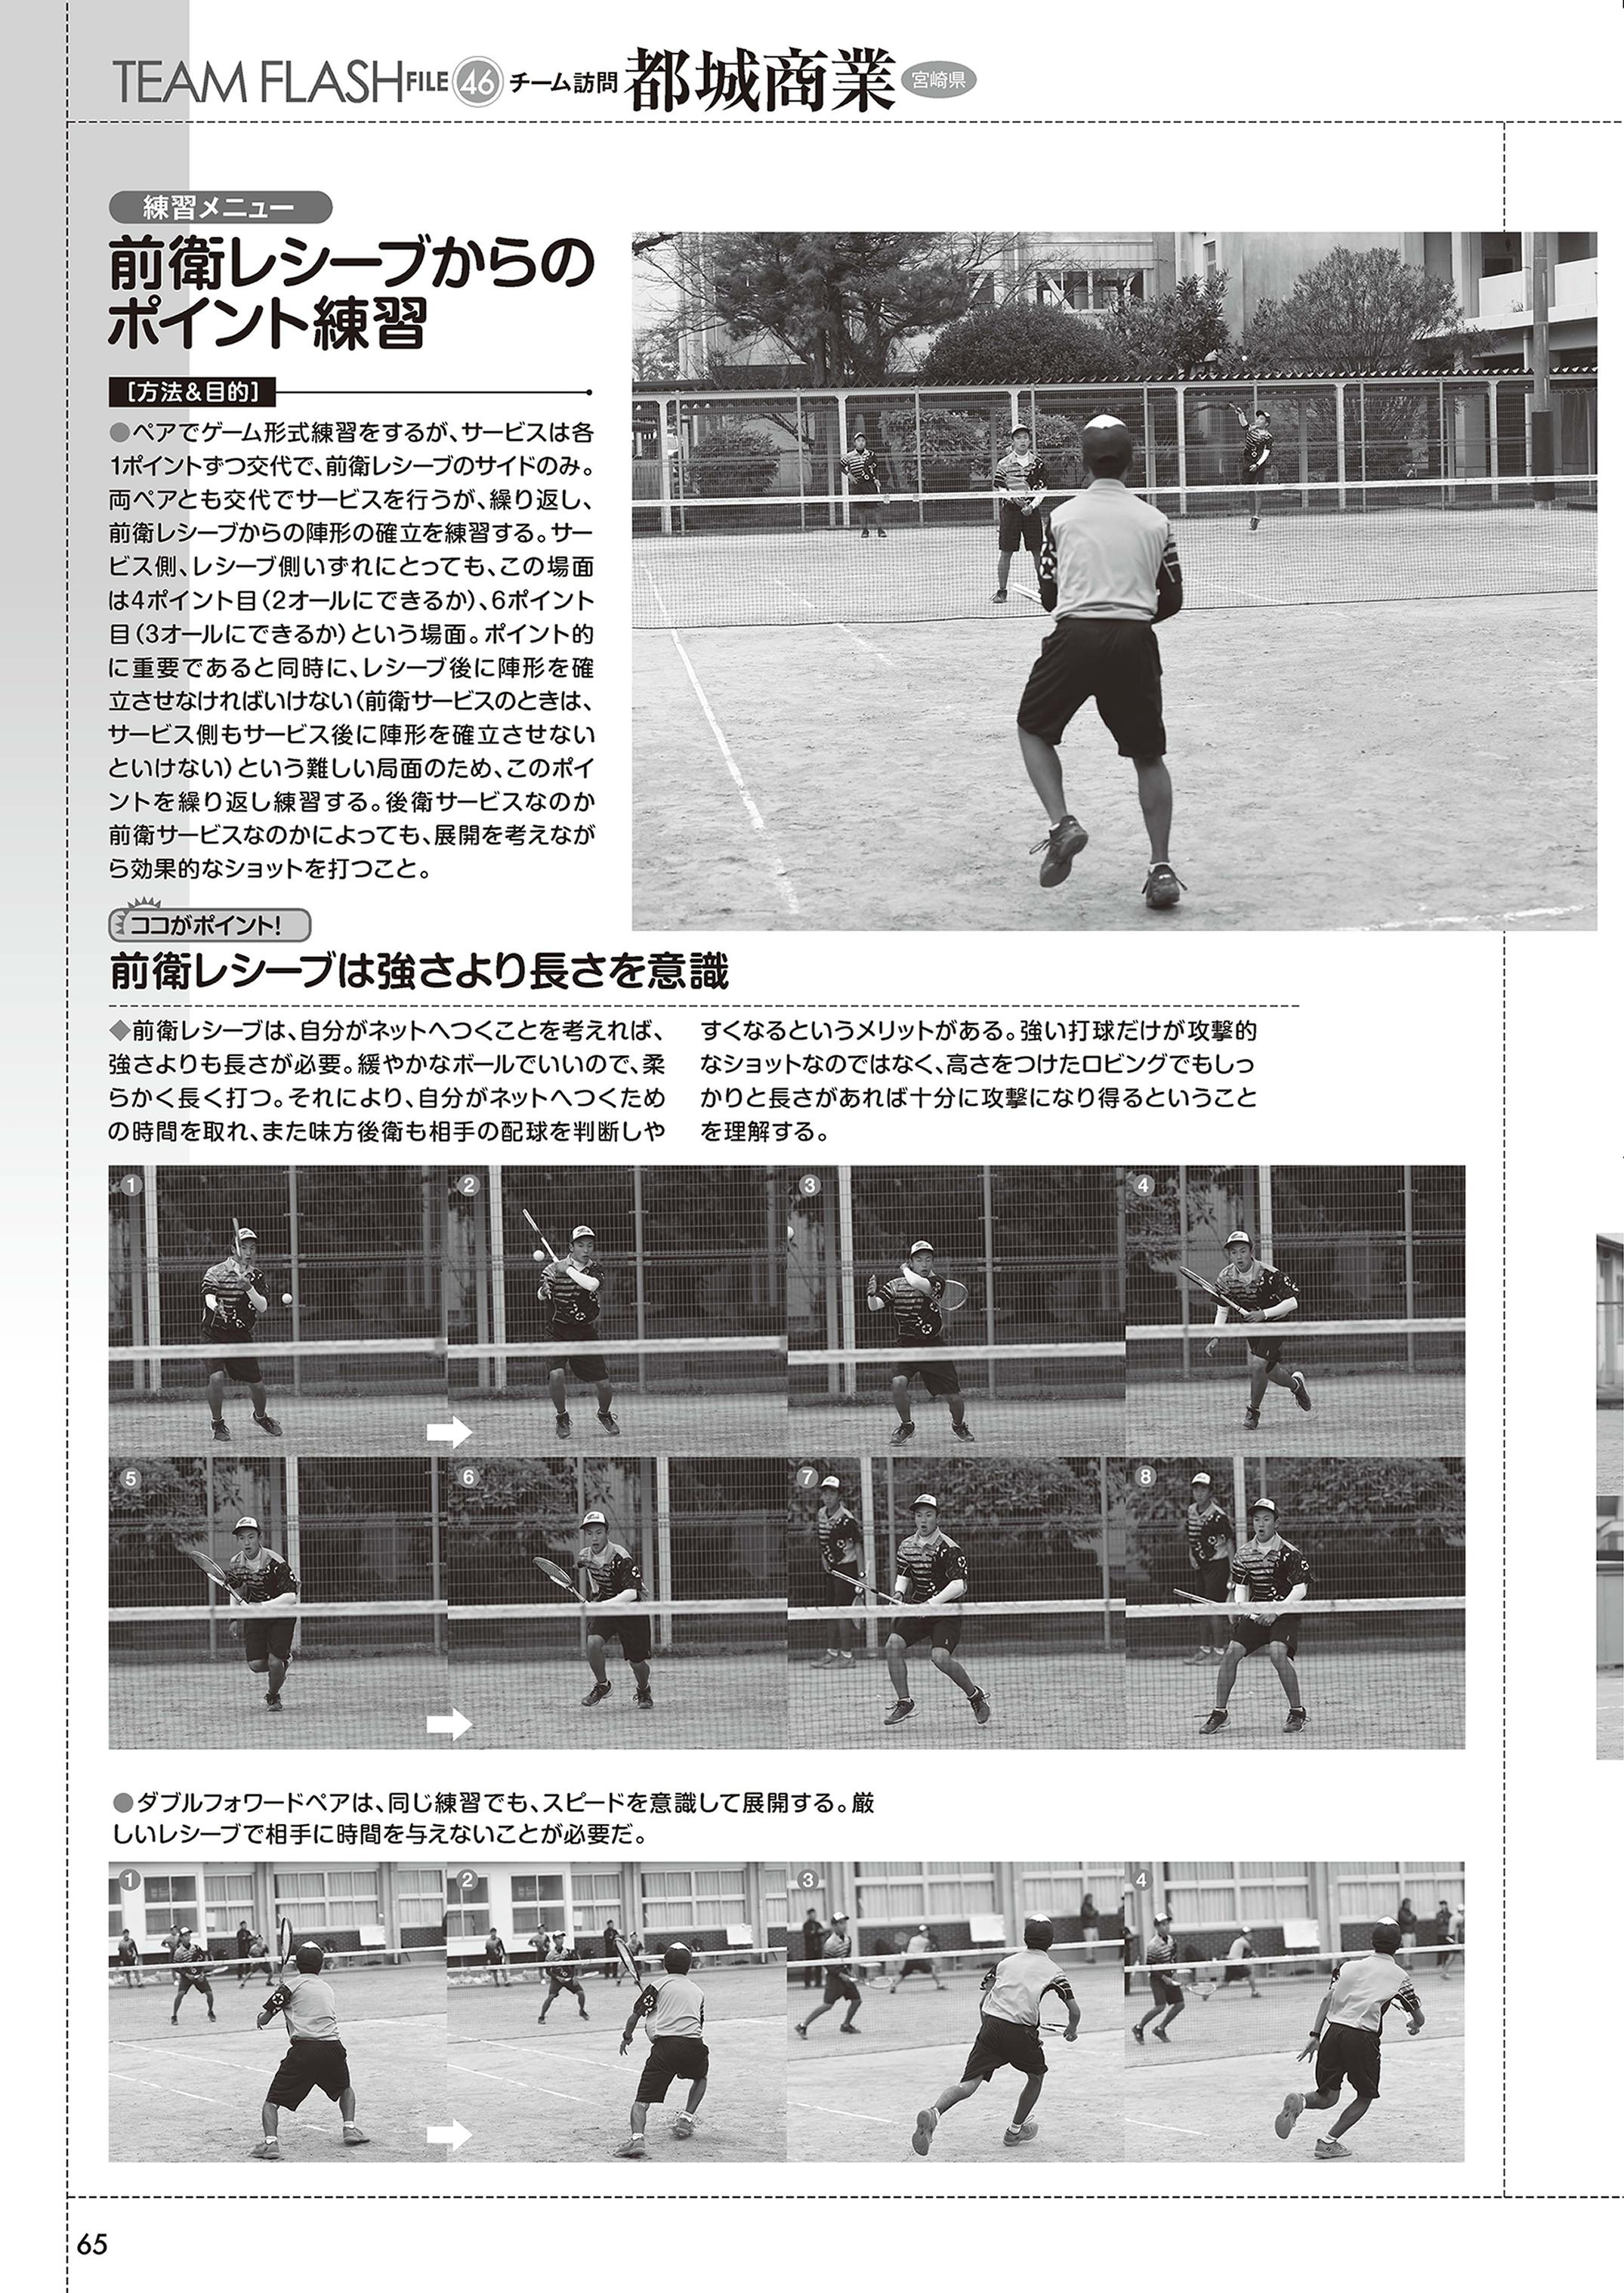 ソフトテニスマガジン2019年2月号P65